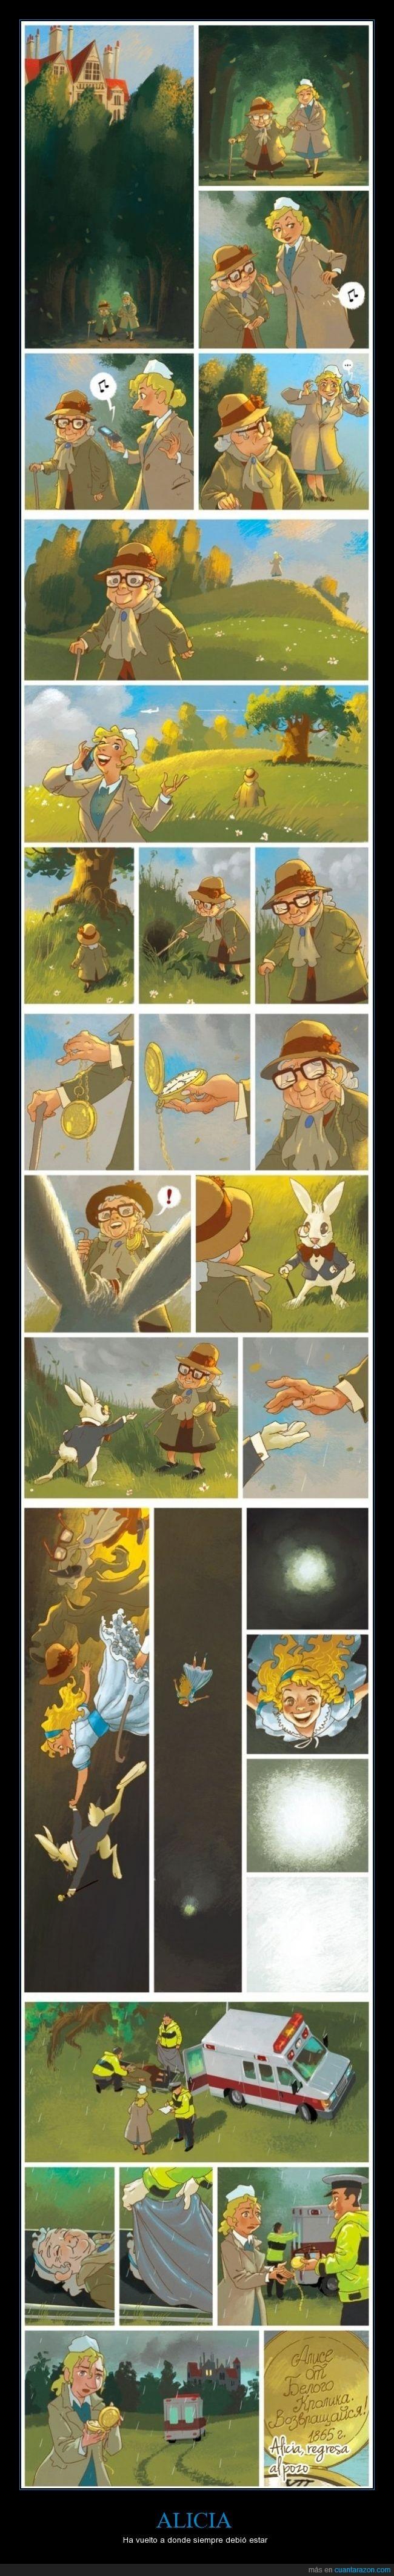 alicia,alicia en el pais de las maravillas,alicia retorna al pozo,conejo,muerte,reloj,ruso